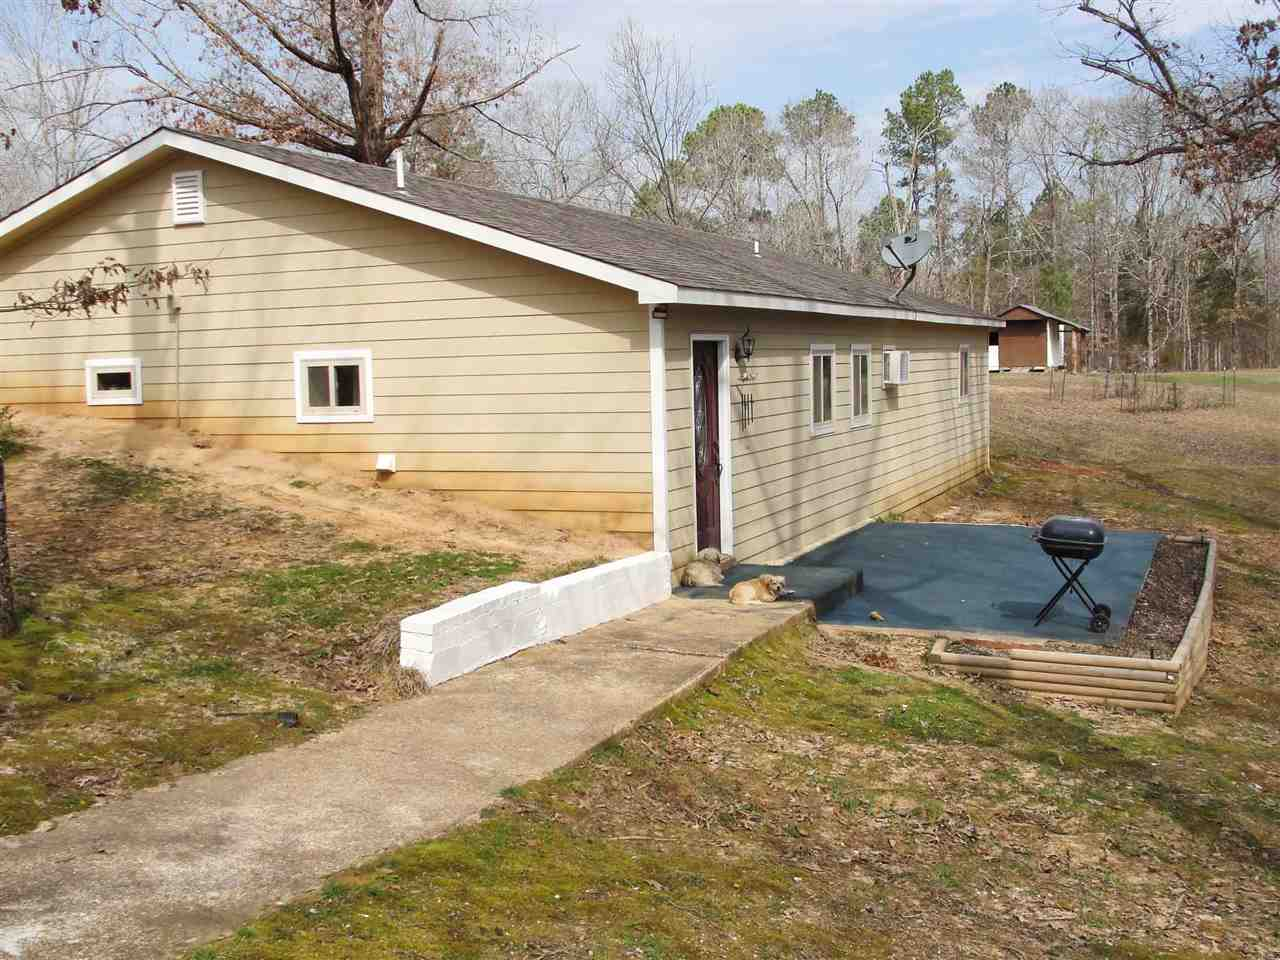 1090 Verles Rd,Medon,Tennessee 38356,2 Bedrooms Bedrooms,1 BathroomBathrooms,Residential,1090 Verles Rd,181879